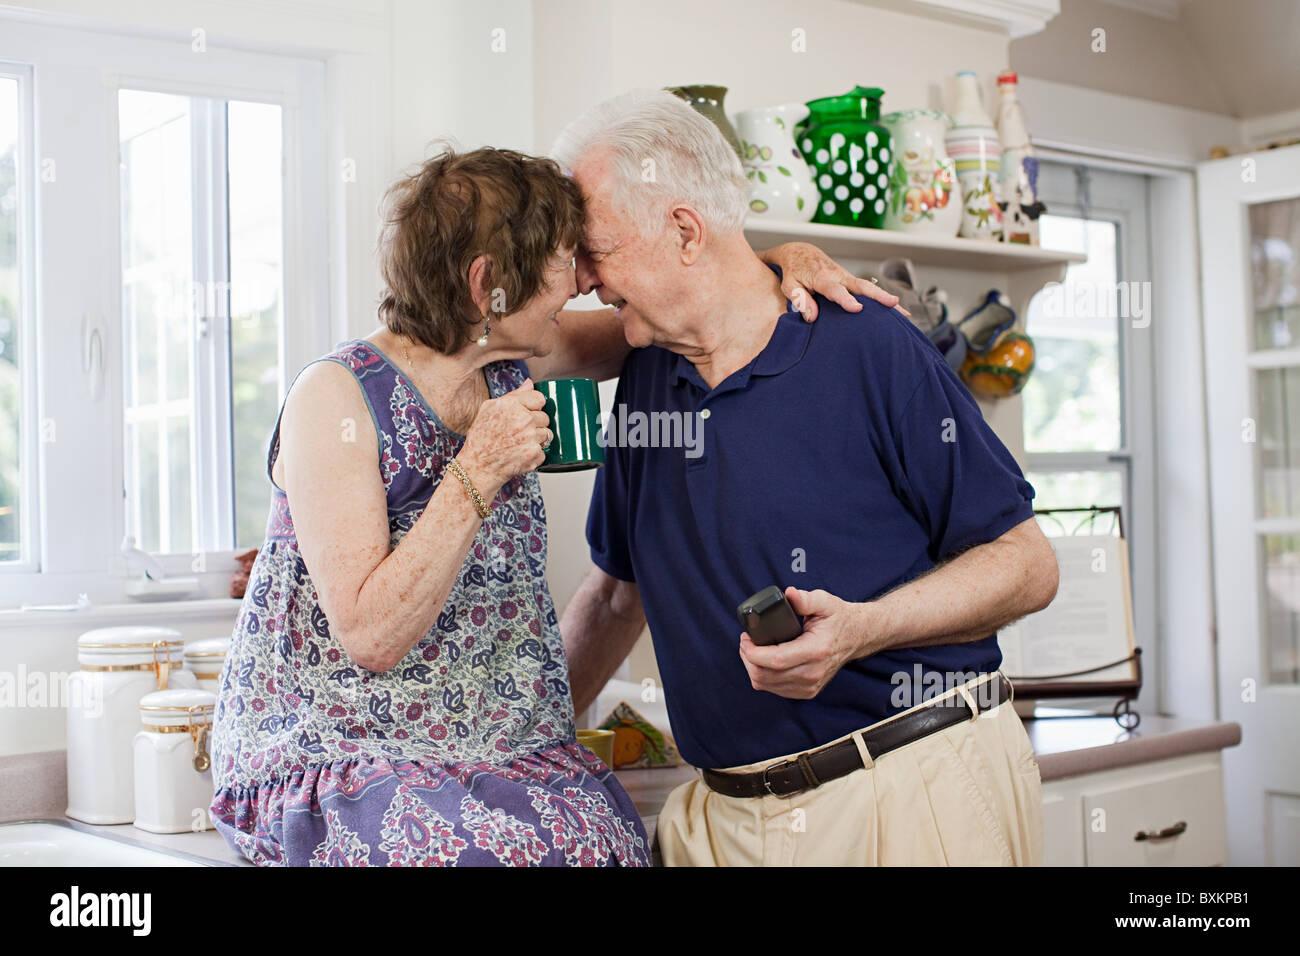 Älteres Paar in Küche Stockbild